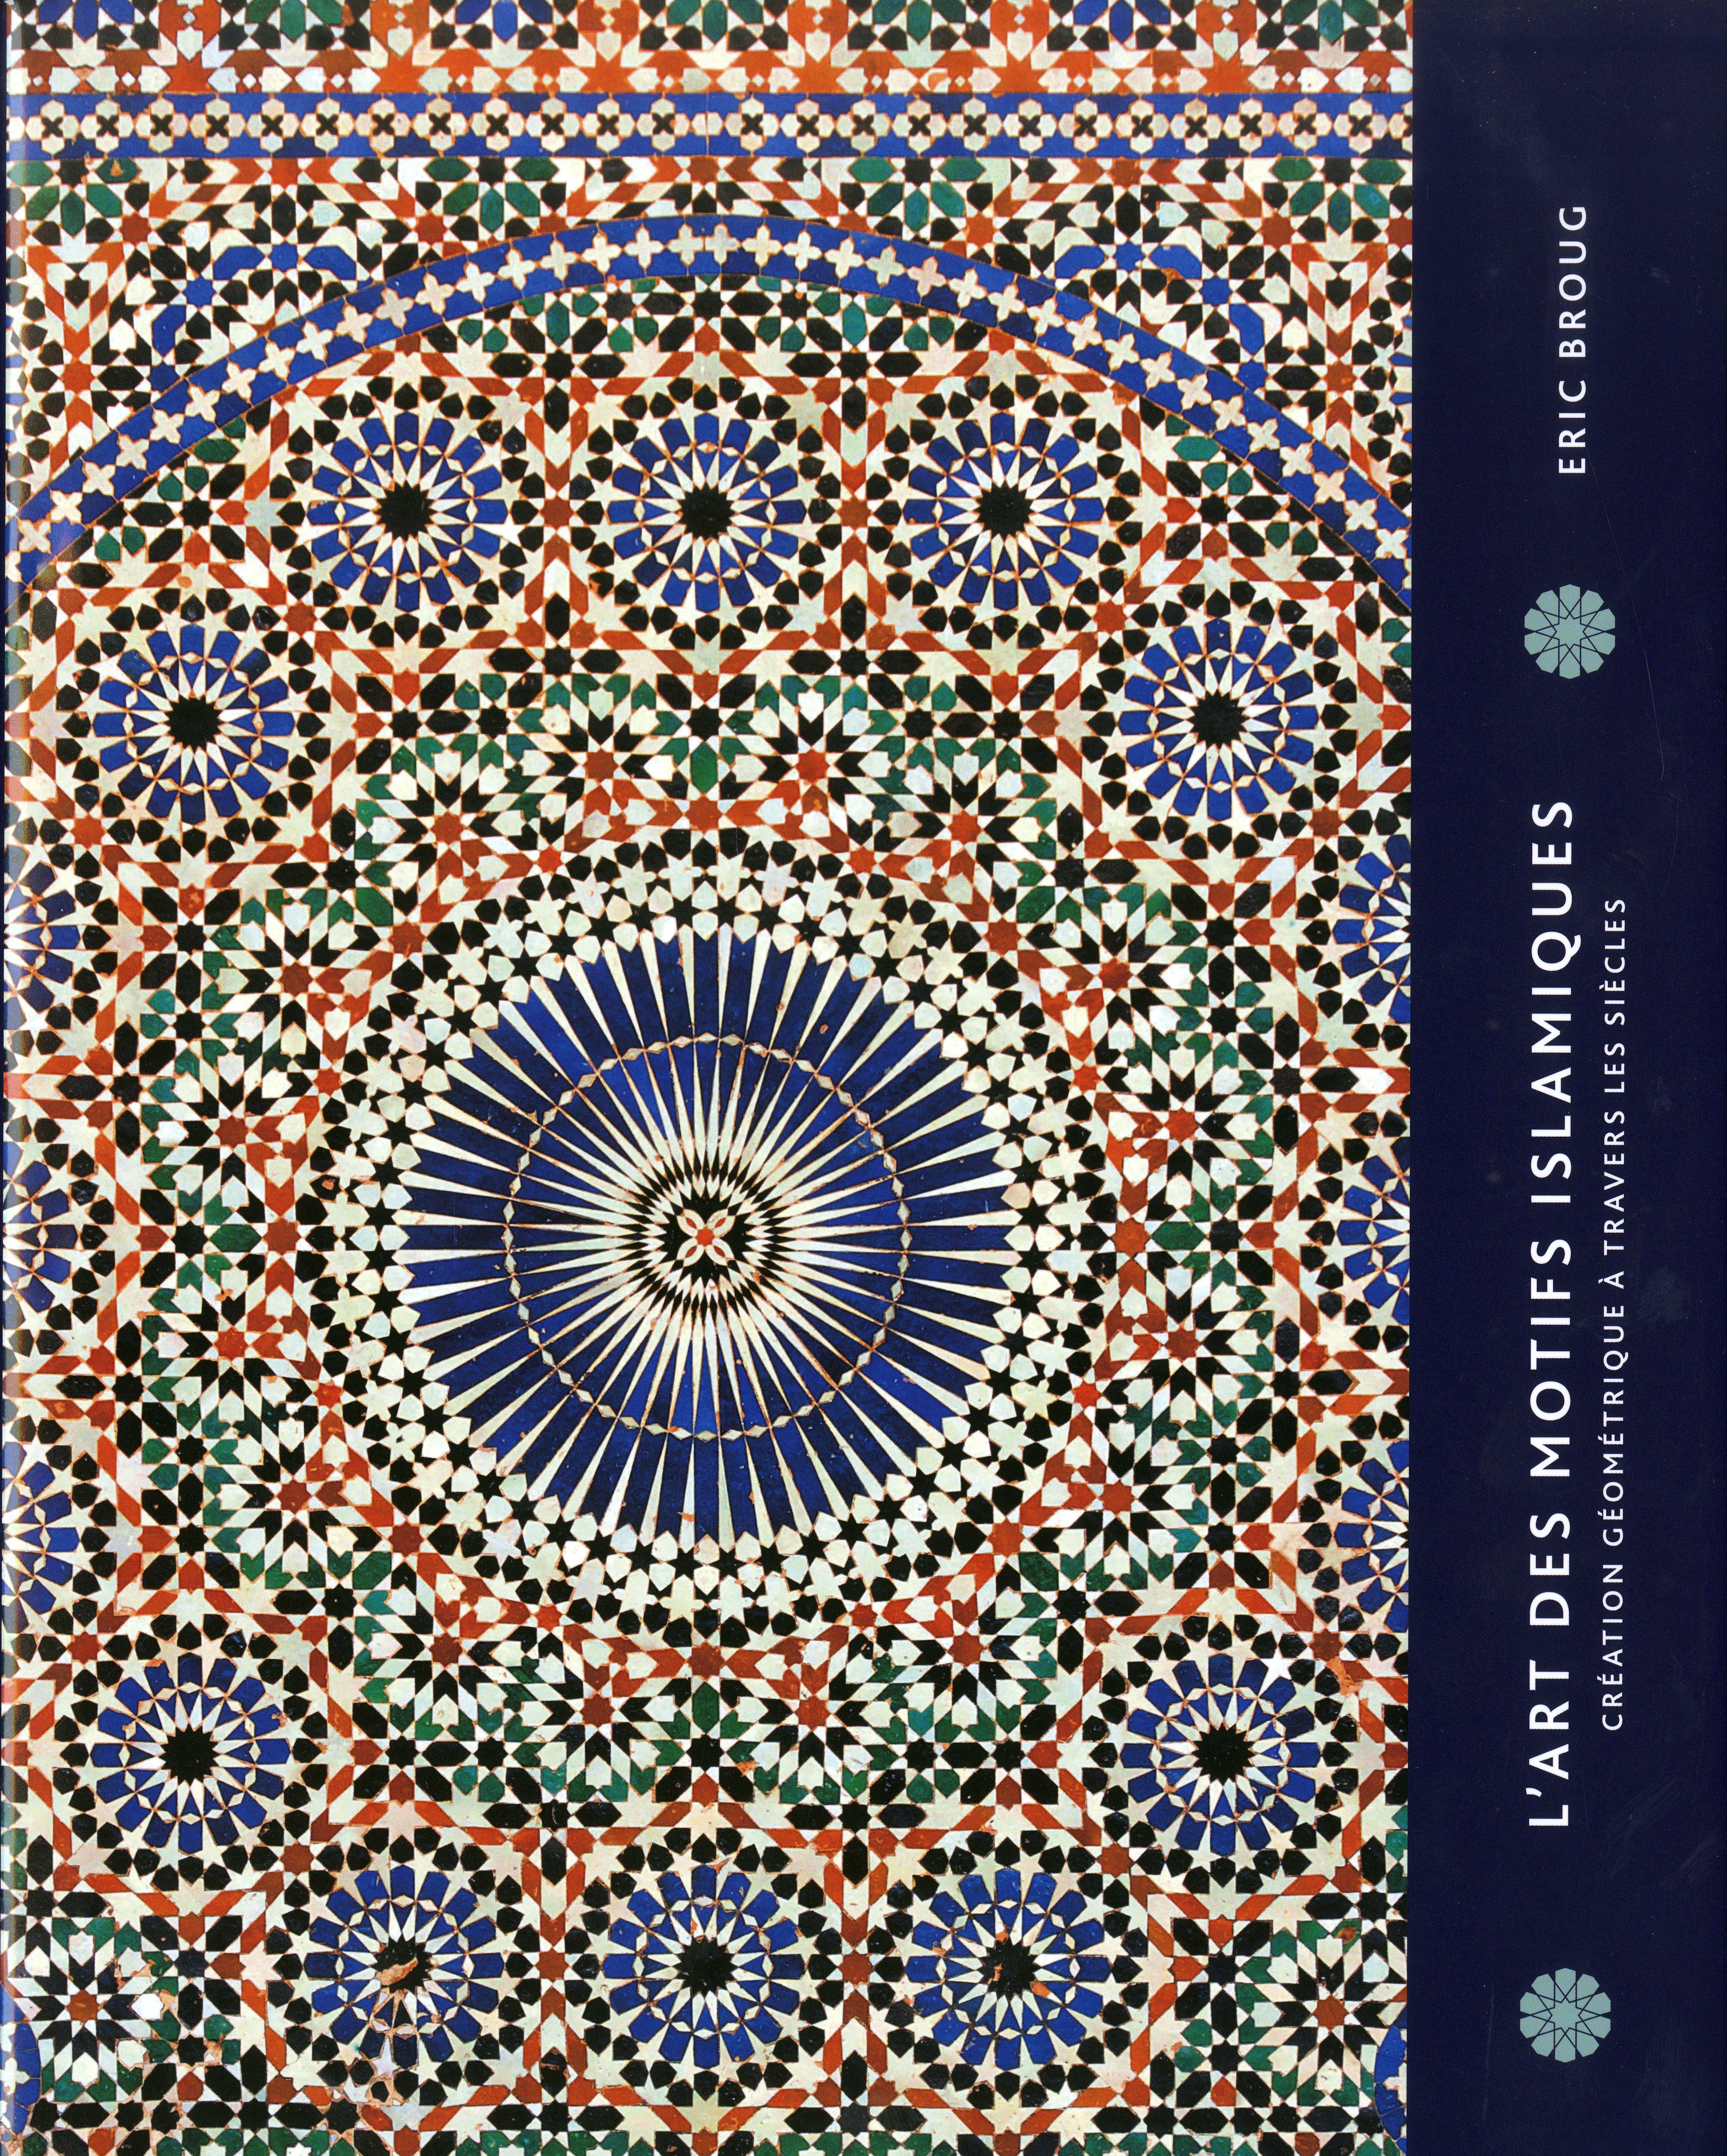 L'art des motifs islamiques : création géométrique à travers les siècles. Eric Broug